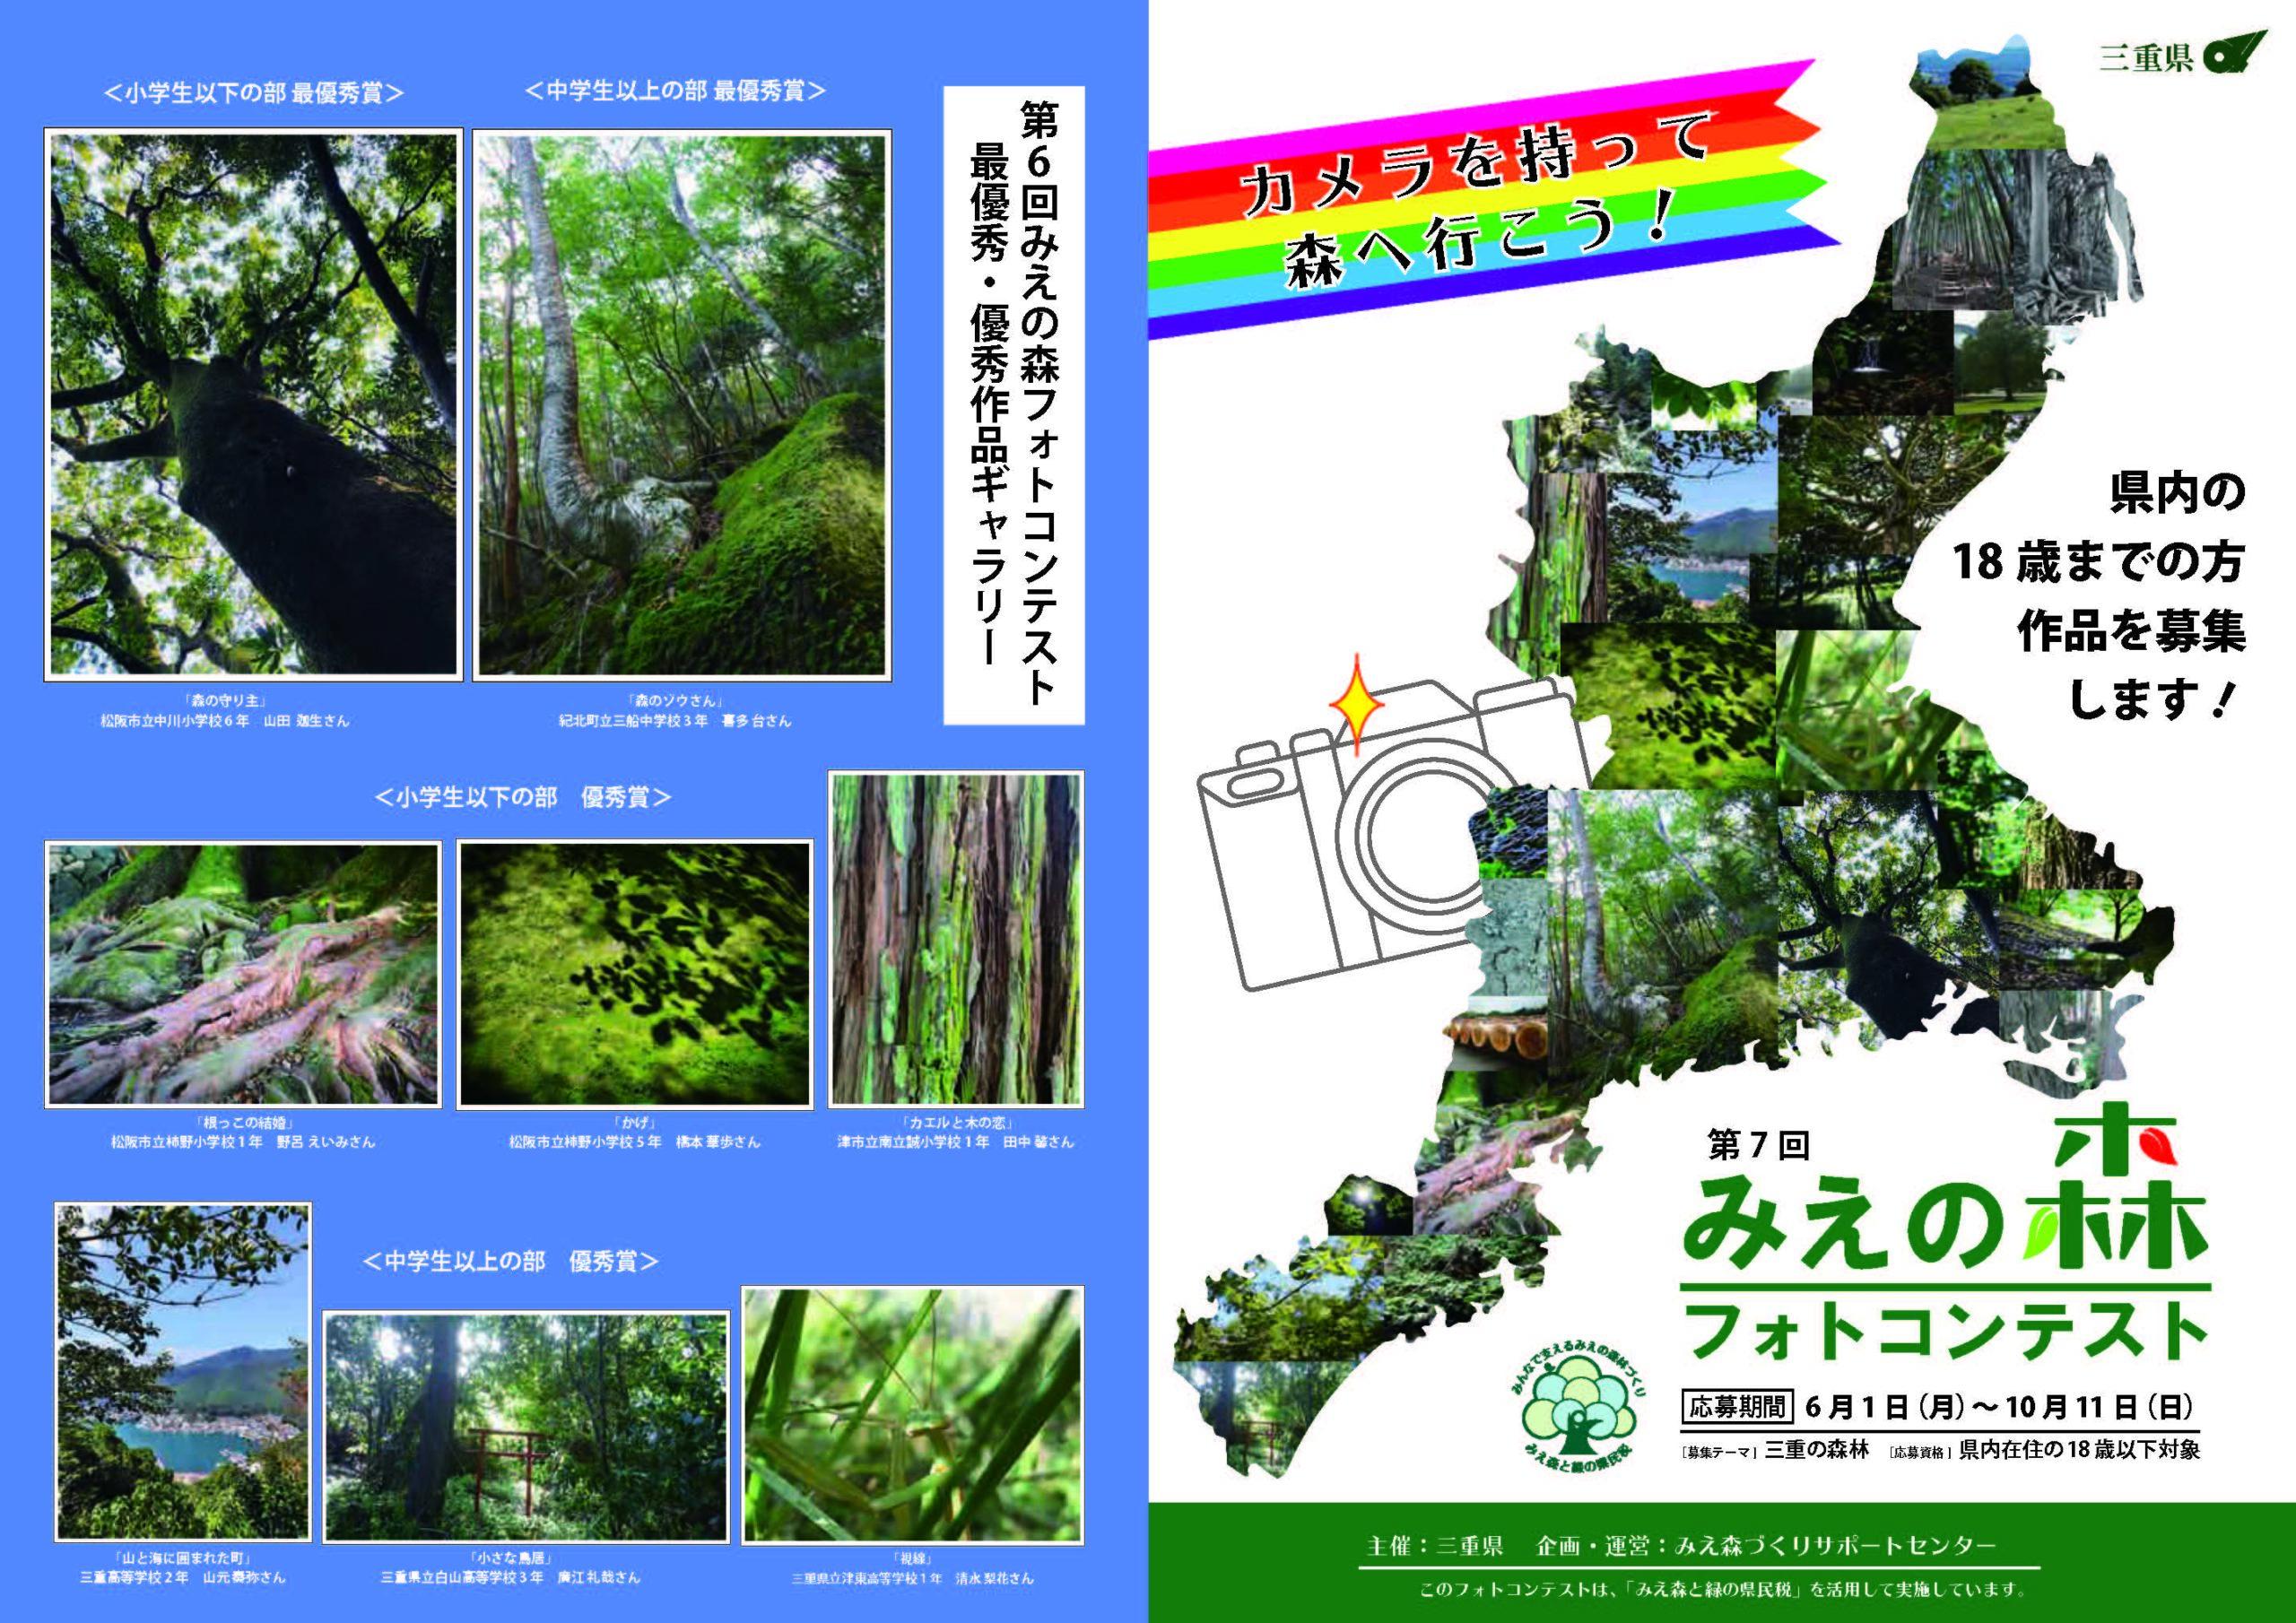 2020みえの森写真コンテスト広報チラシ